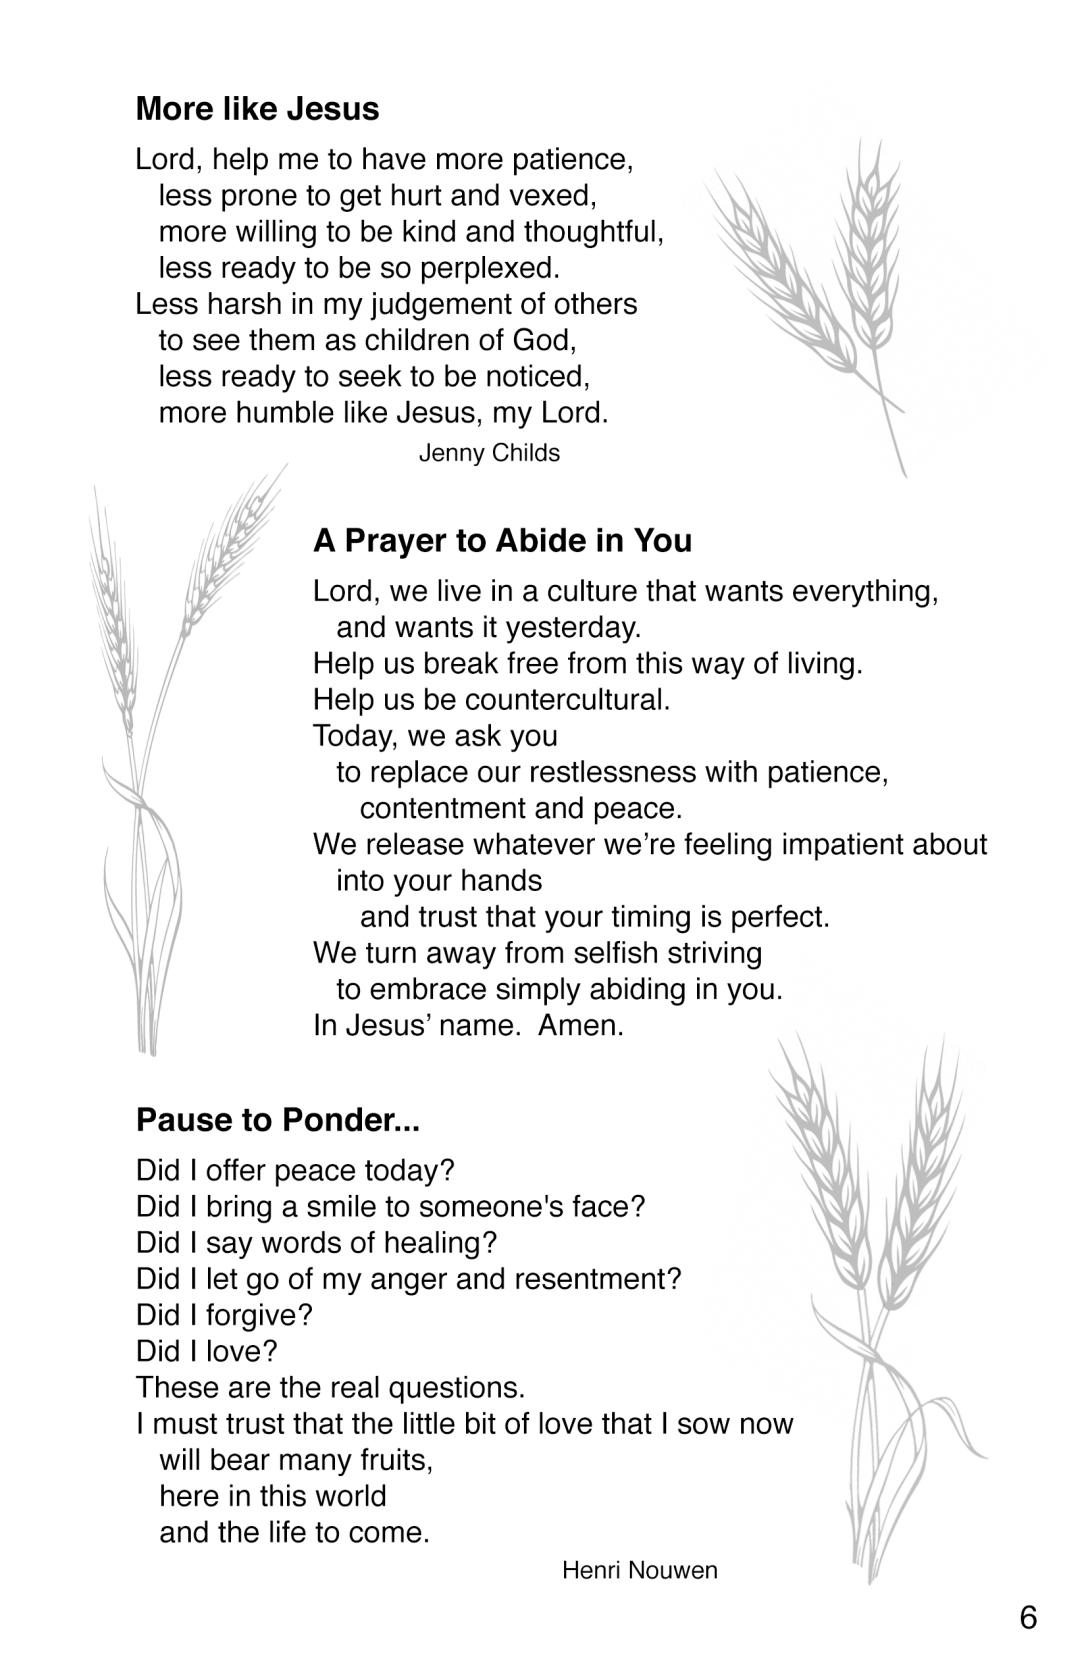 Prayer Service for Fr  Chris 8/20/19